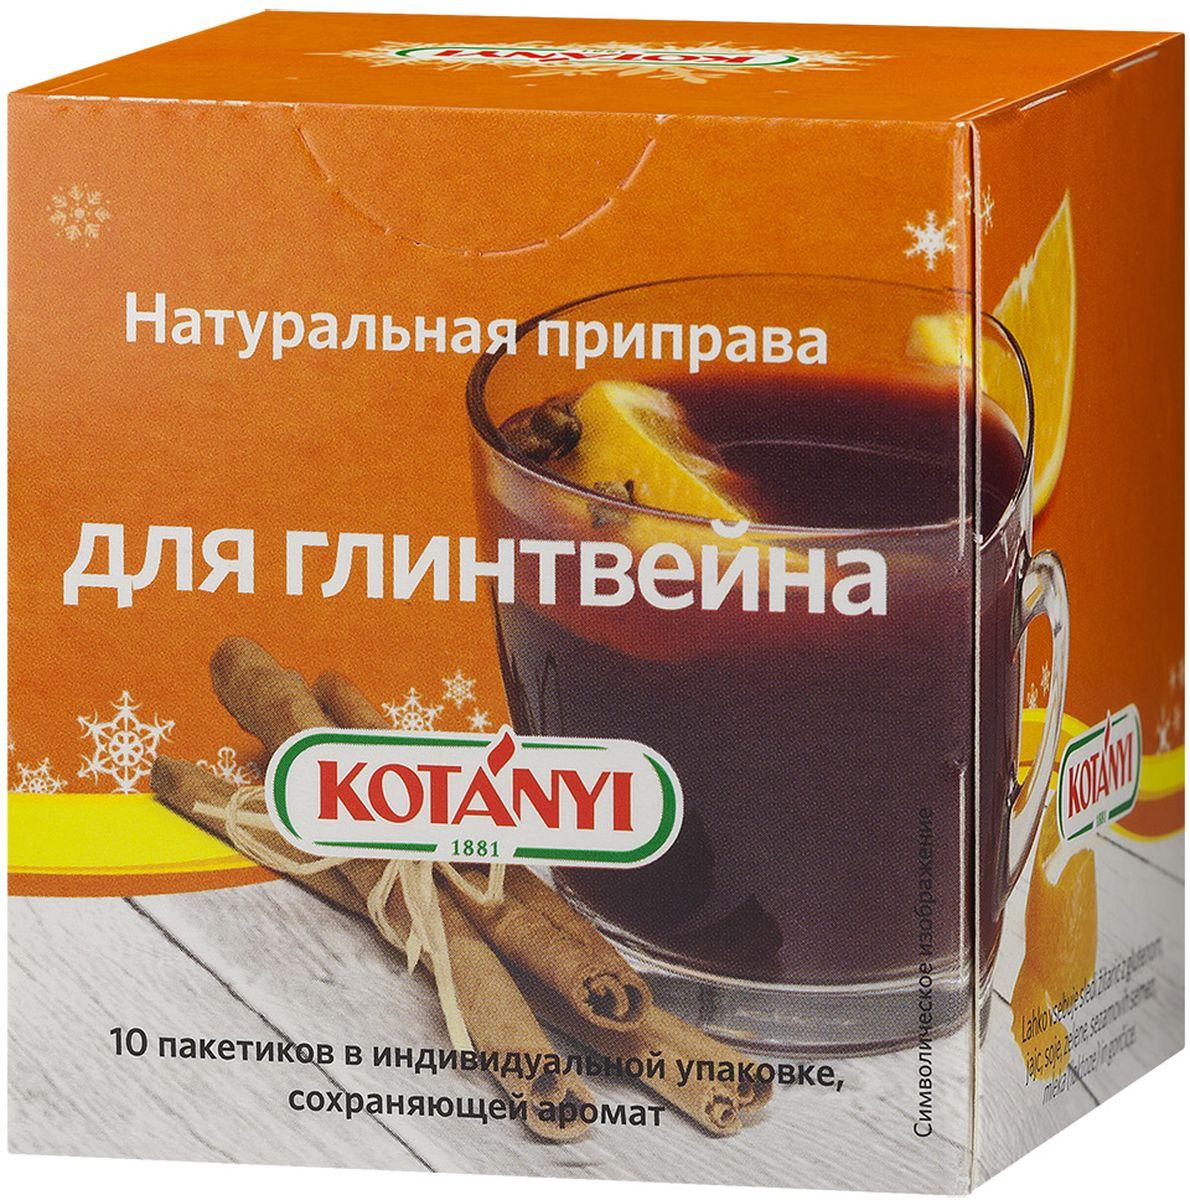 Kotanyi натуральная приправа для глинтвейна, 10 пакетиков по 15 г226611Ароматная корица и гвоздика в сочетании с фруктовой ноткой яблок и шиповника - классические ингредиенты традиционного австрийского глинтвейна. Горячий глинтвейн Kotanyi с горьковато-сладкой апельсиновой цедрой, имбирем и ноткой ванили согреет вас зимними вечерами.